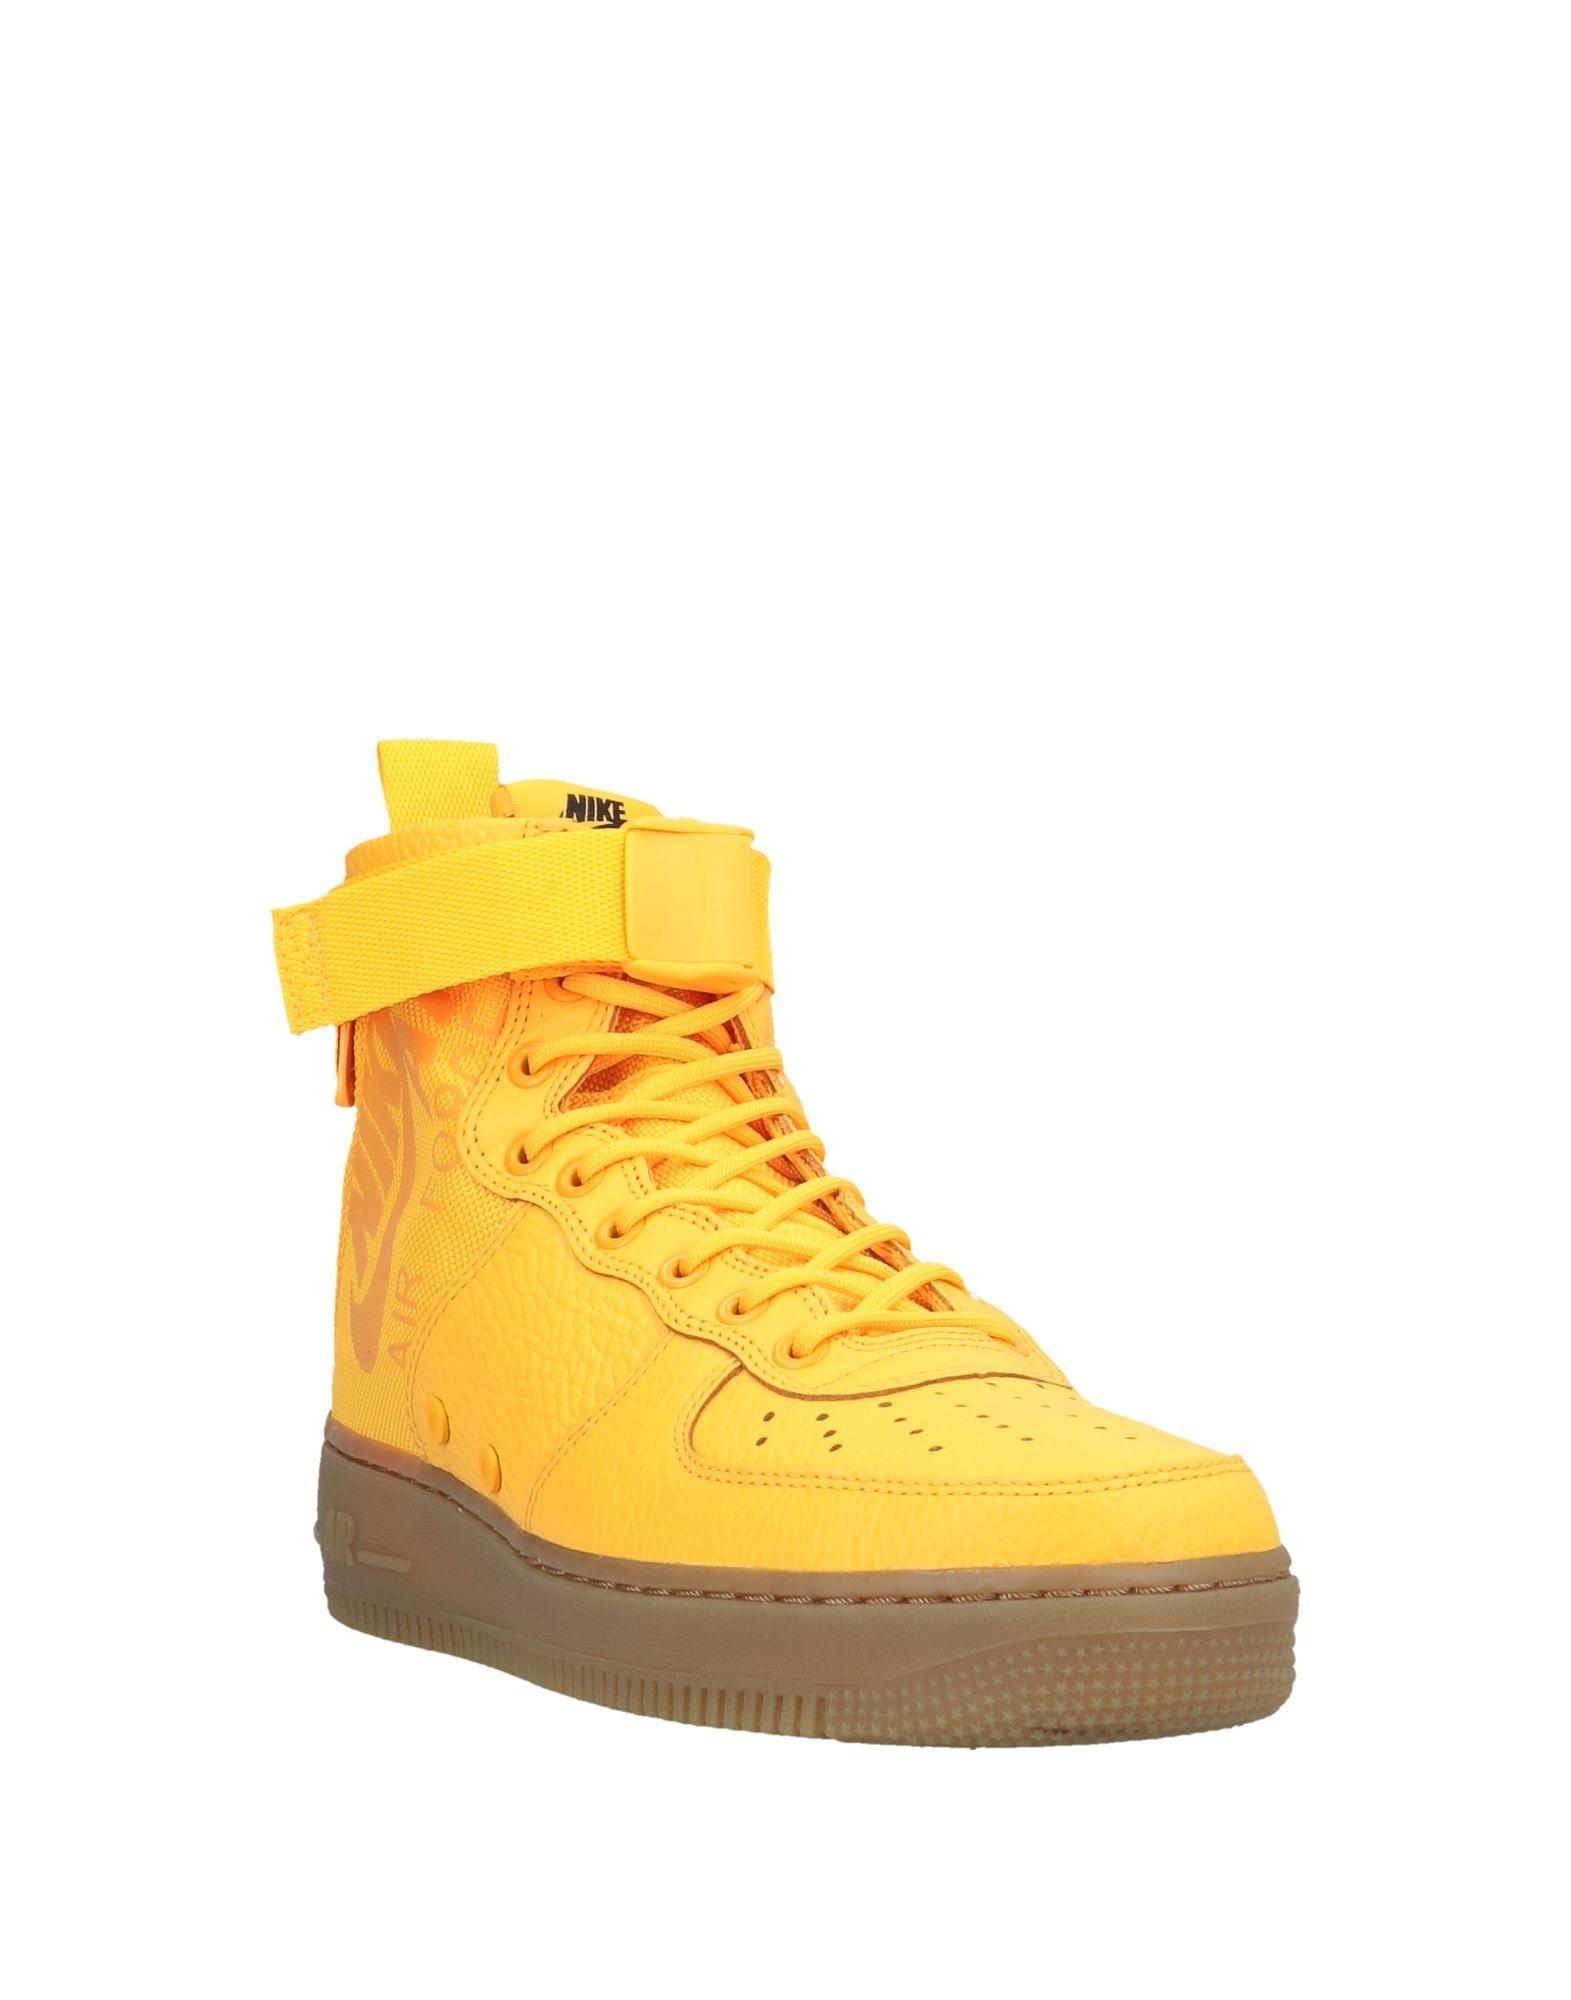 Rabatt echte  Schuhe Nike Sneakers Herren  echte 11566795LC f9256f